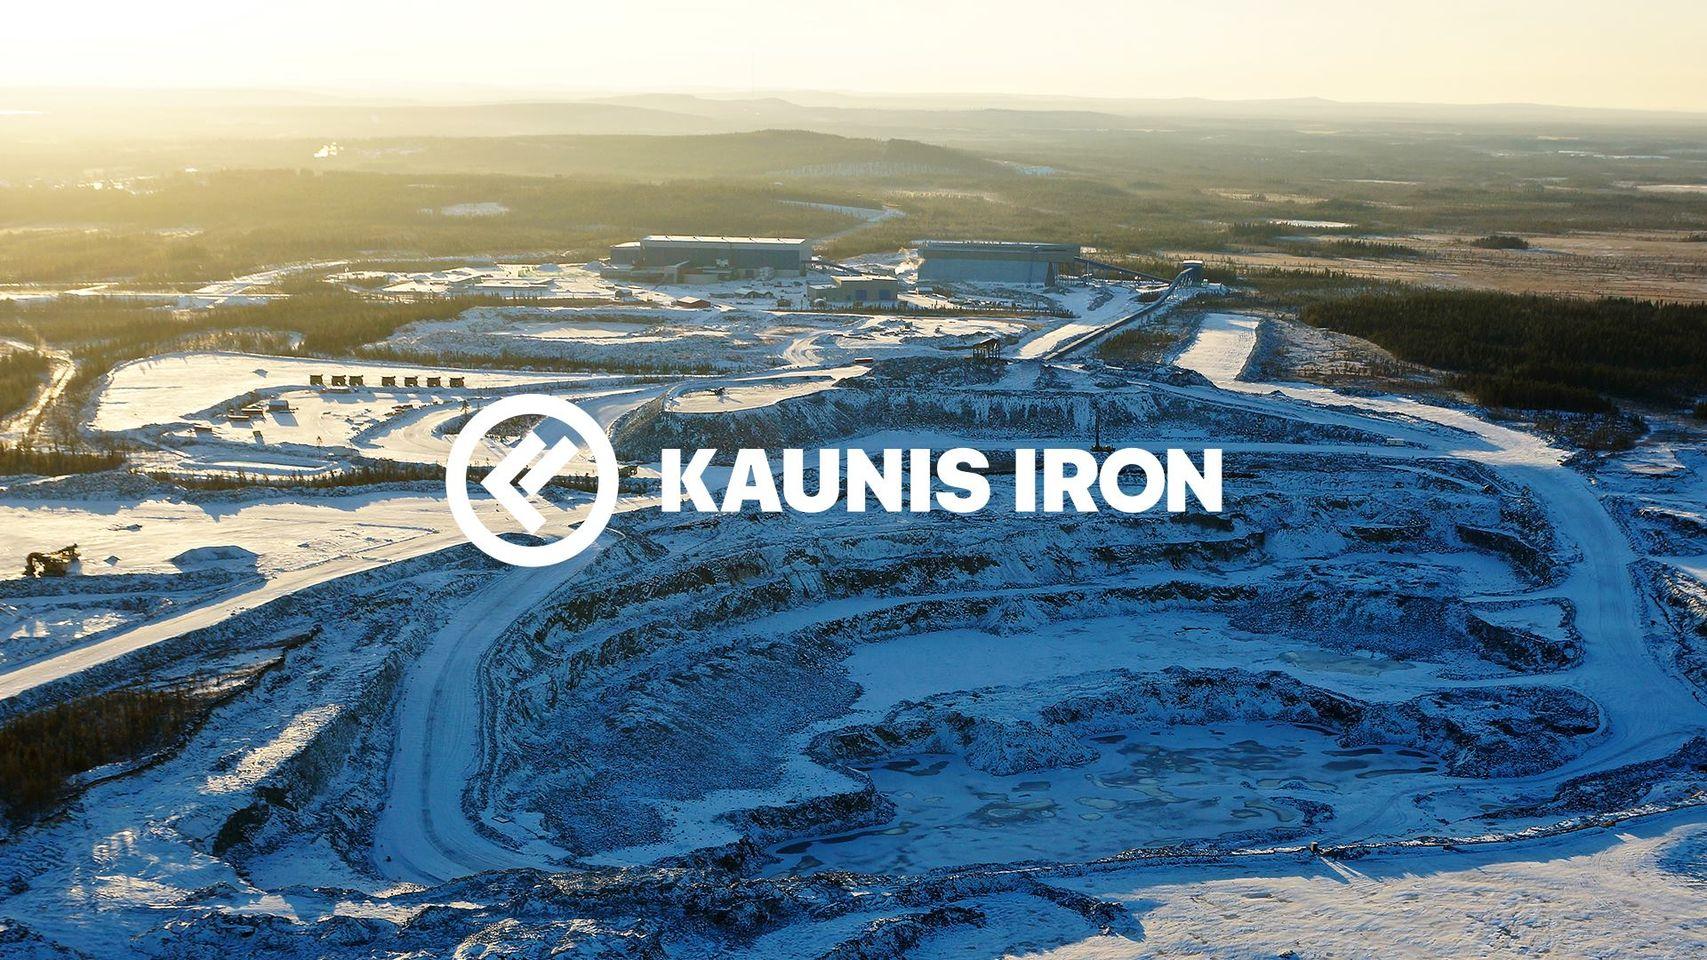 Kaunis Irons gruva